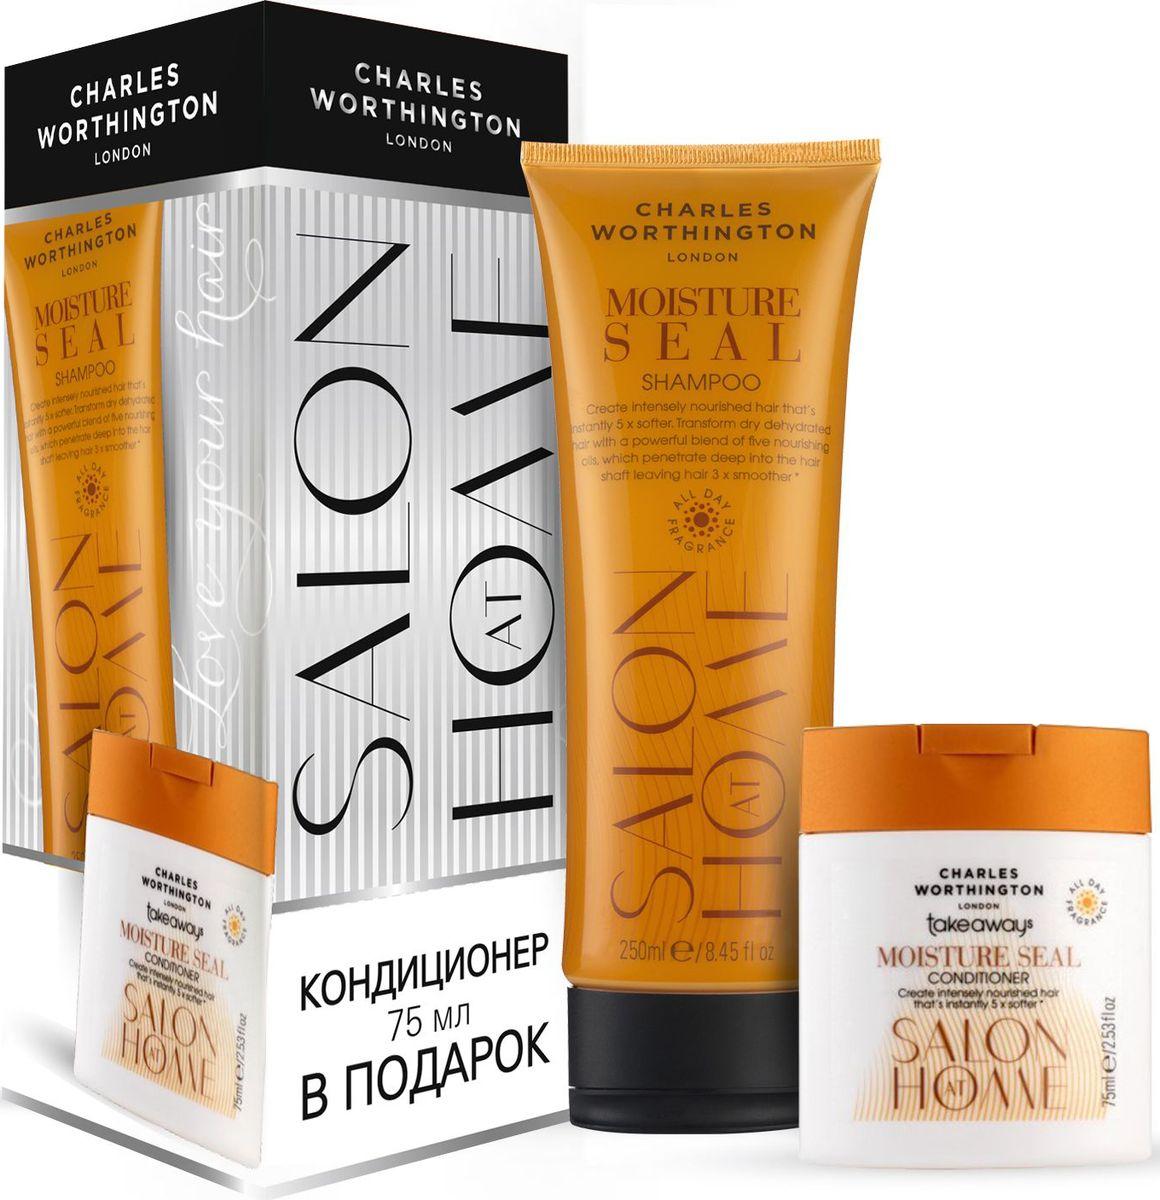 Charles Worthington Набор Увлажнение и питание, 325 млPNR5227Шампунь для лишенных объема и тонких волос – высокоэффективная сочетание биотина с Витамином B7 питает Ваши локоны, в то время как коллаген и гидролизируемый белок пшеницы создают видимость более густых, объемных, более здоровых волос. Кондиционер для лишенных объема и тонких волос – высокоэффективная сочетание биотина с Витамином B7 питает Ваши локоны, в то время как коллаген и гидролизируемый белок пшеницы создают видимость более густых, объемных, более здоровых волос.